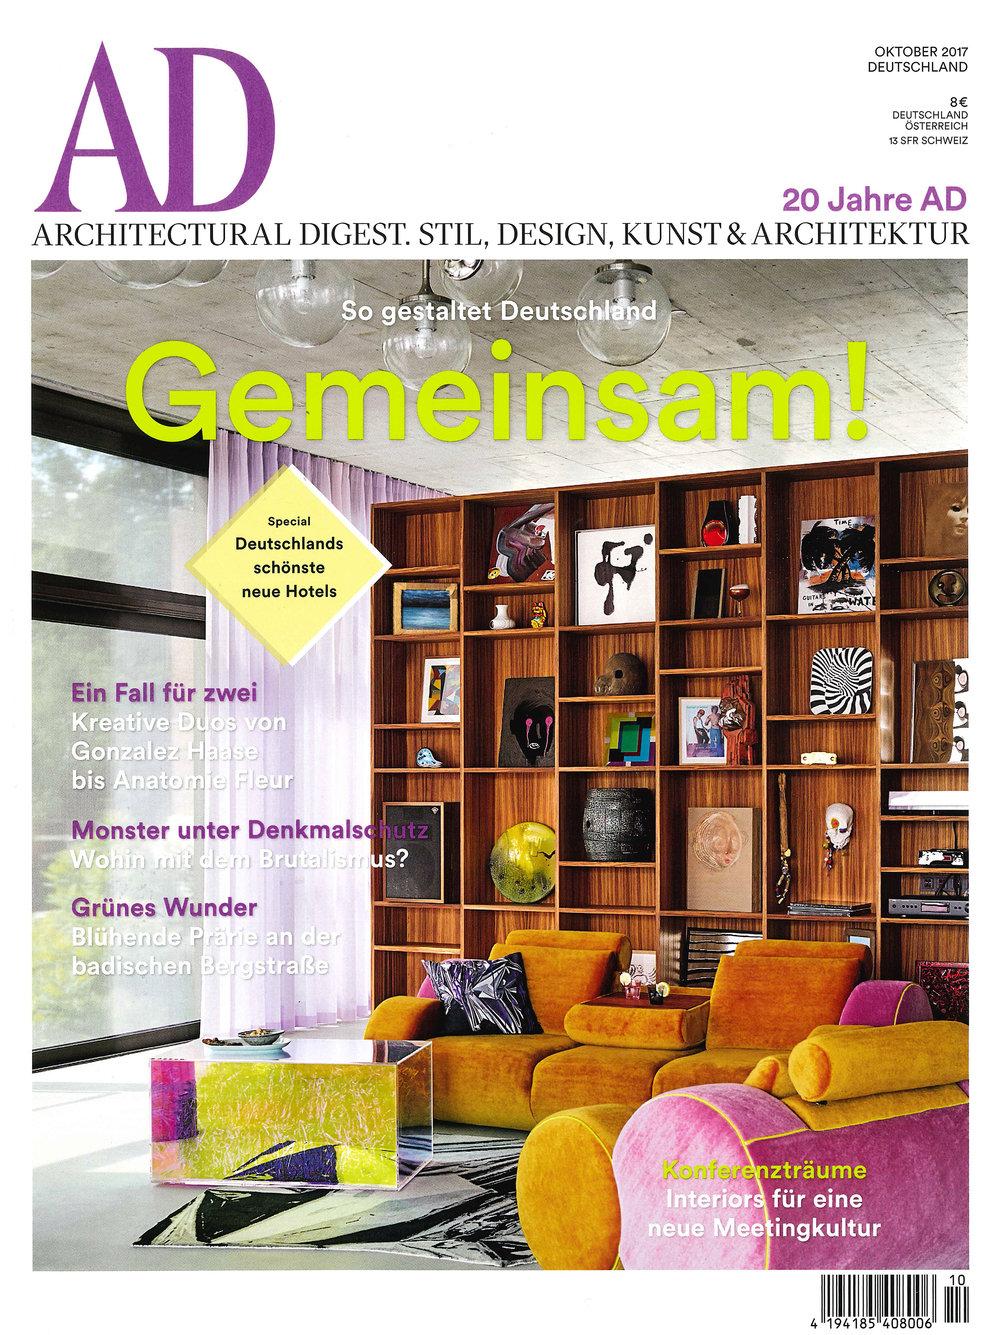 AD_Titelblatt.jpg